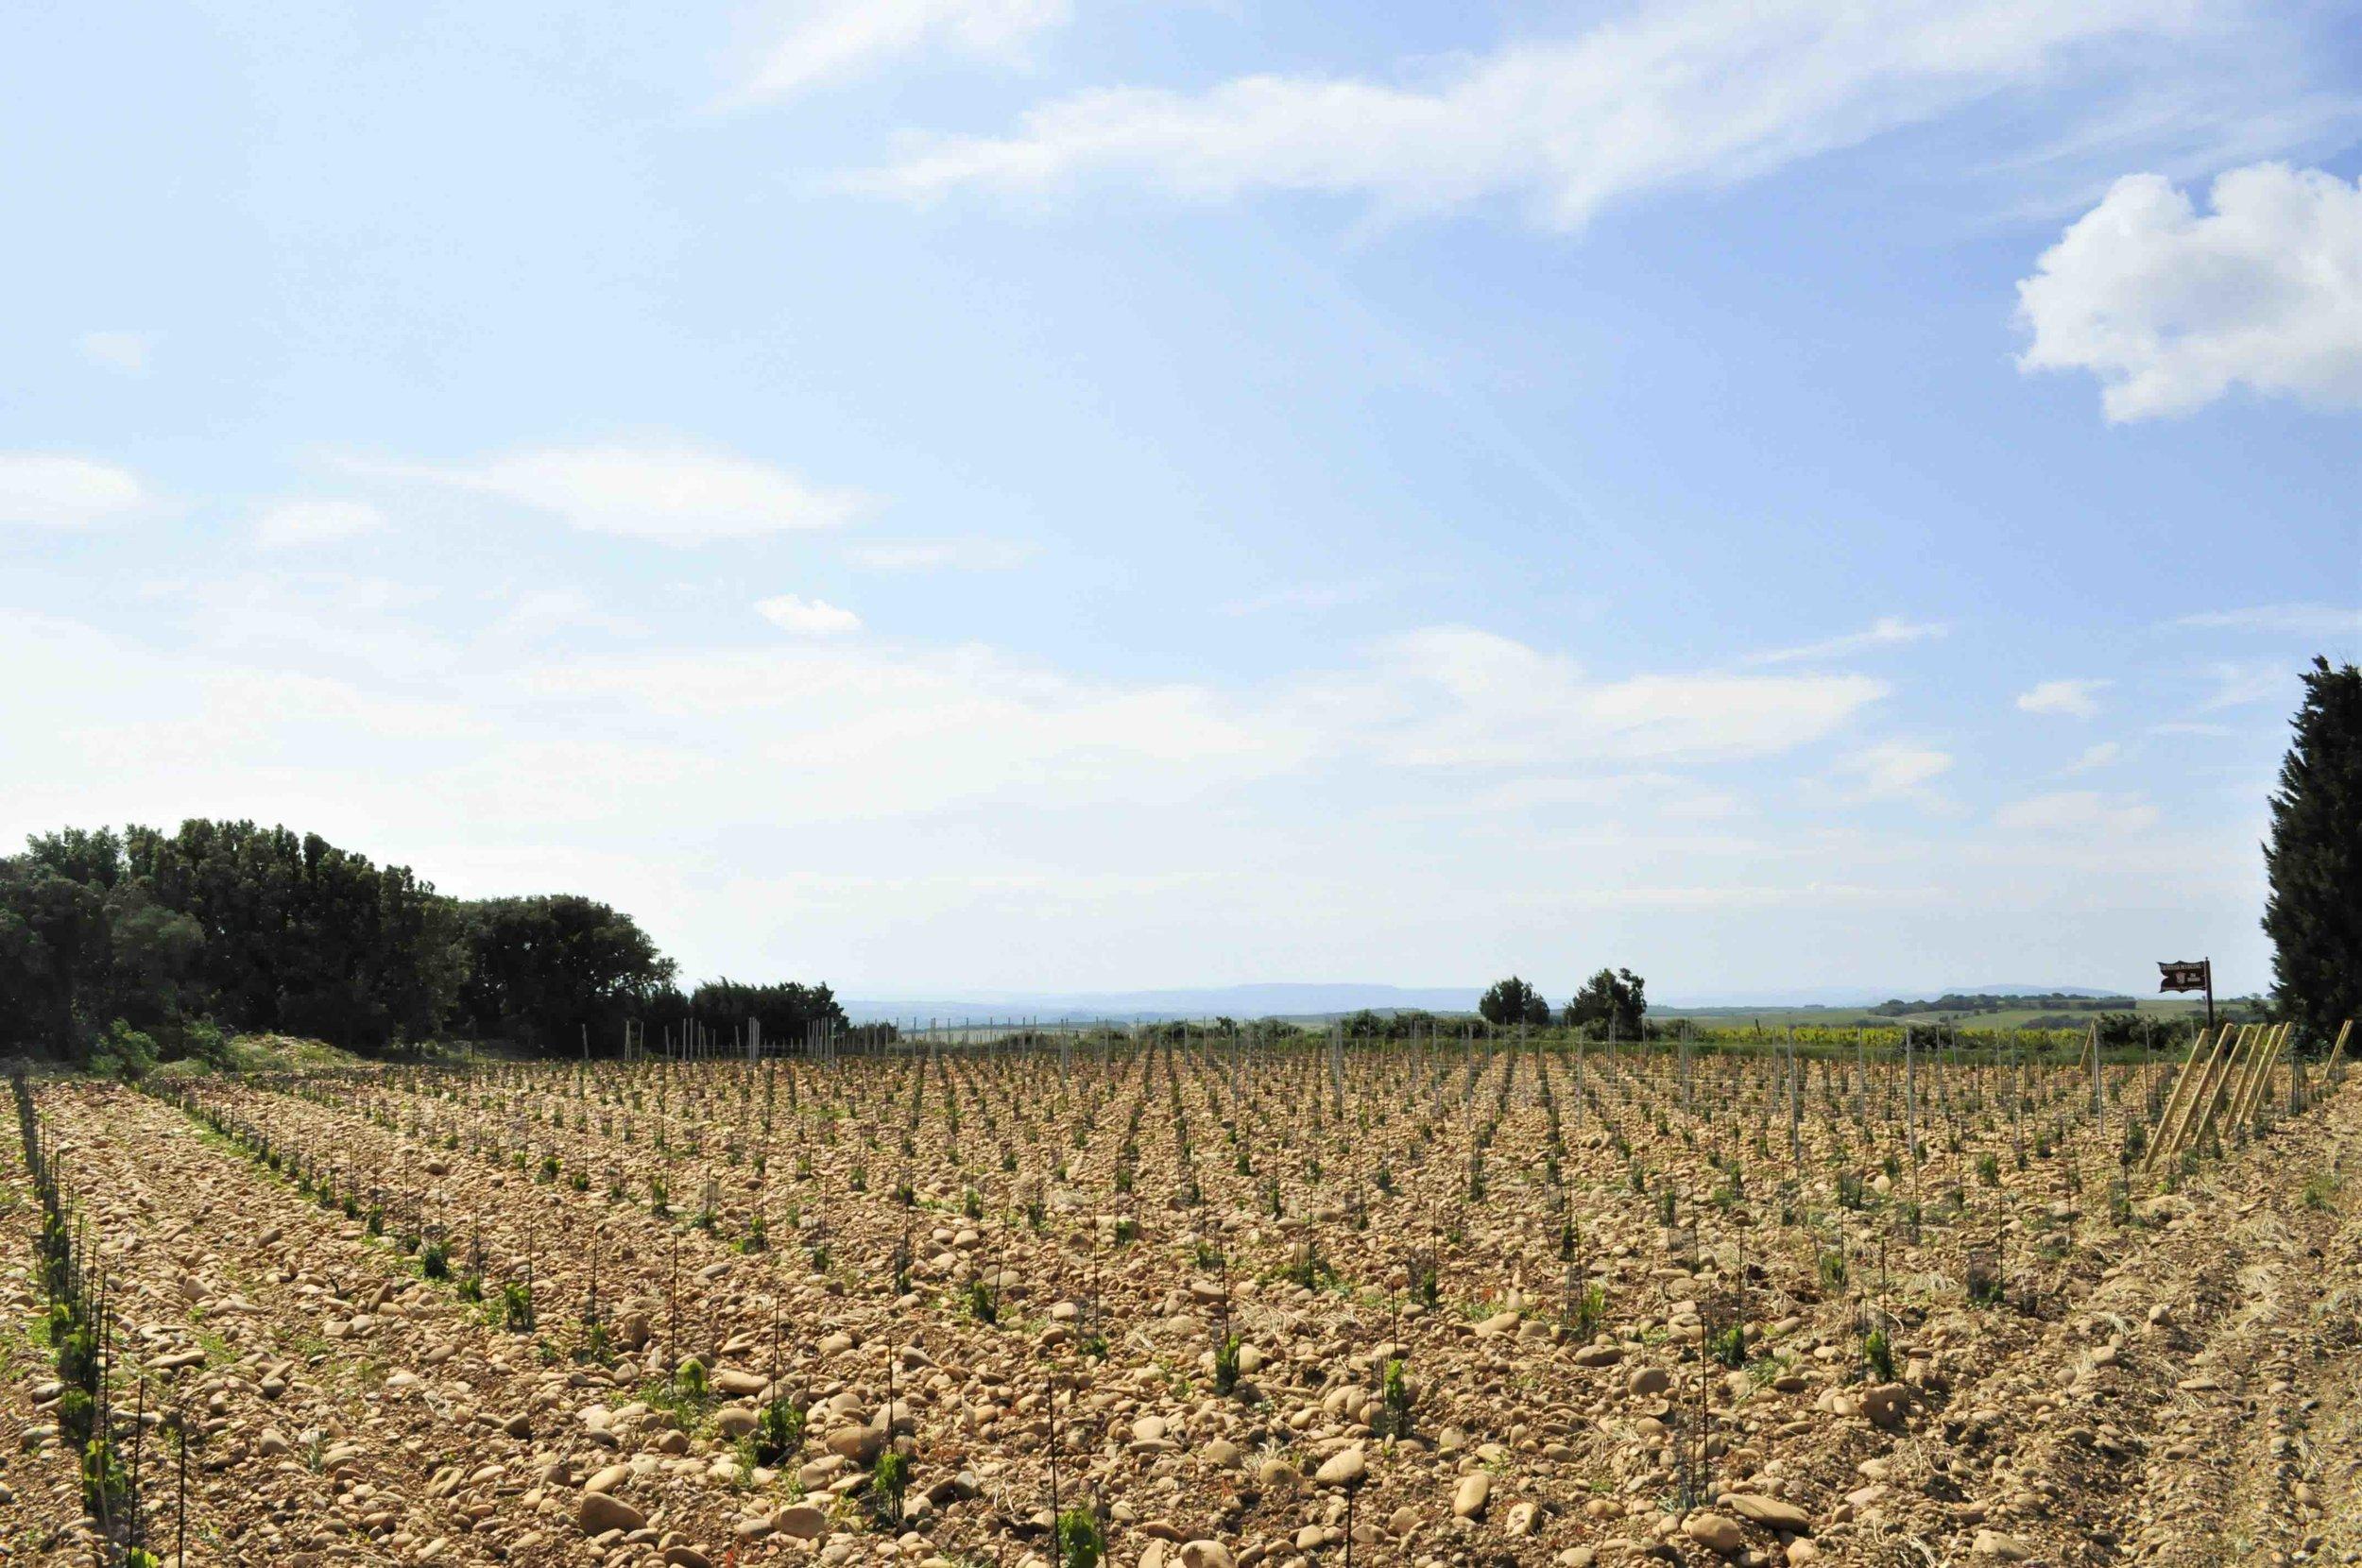 Rhone Vines 6 low res.jpg